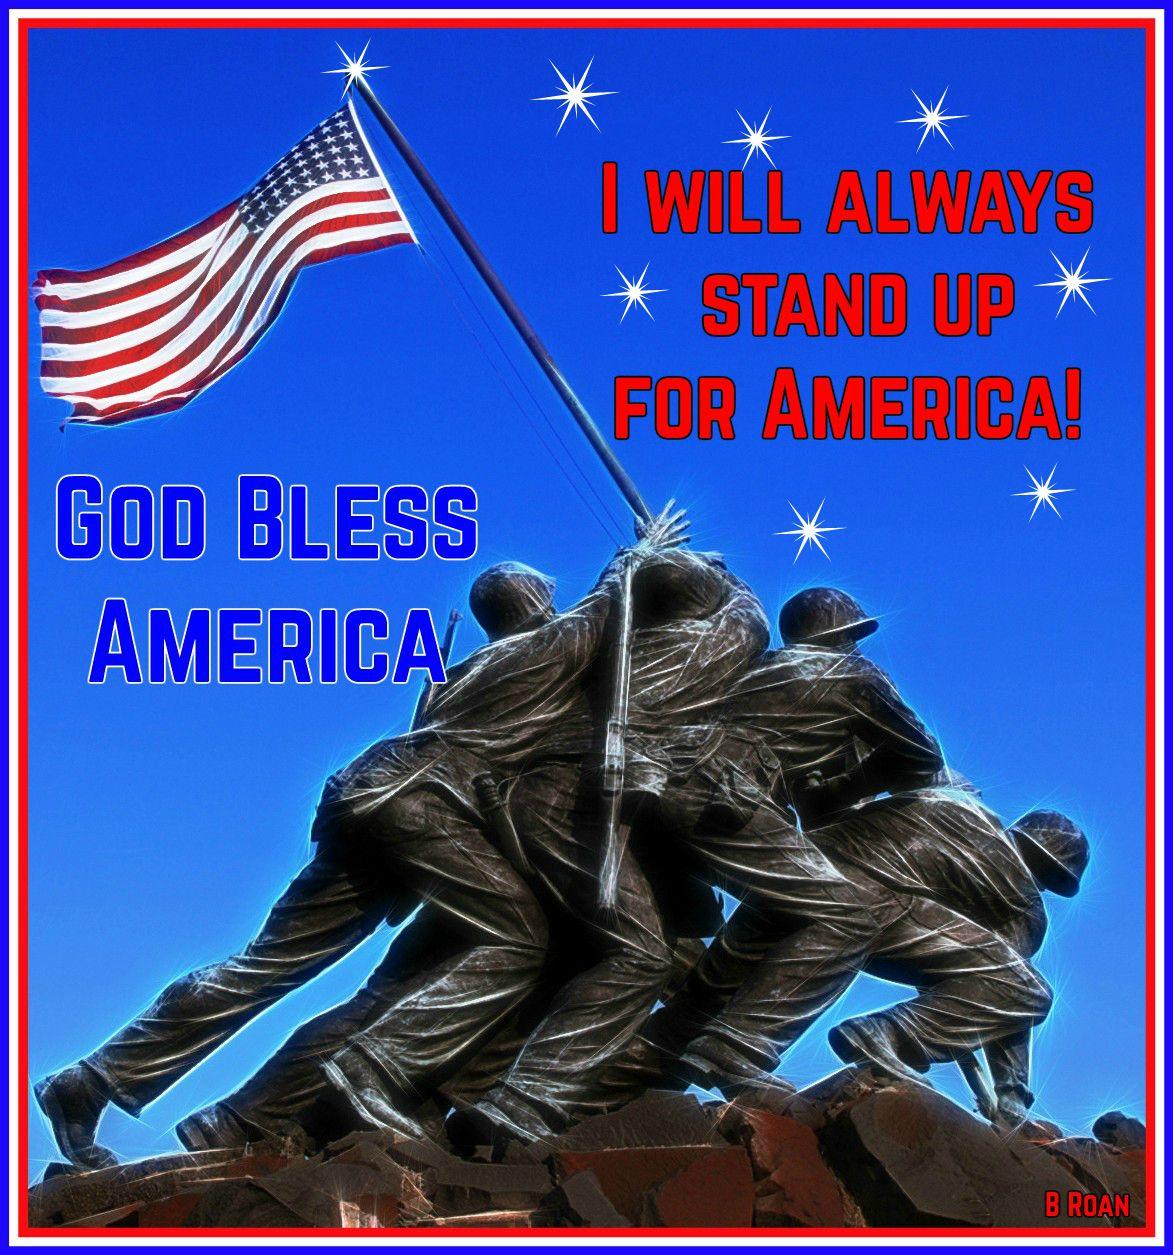 God bless america united states marine corps us marine